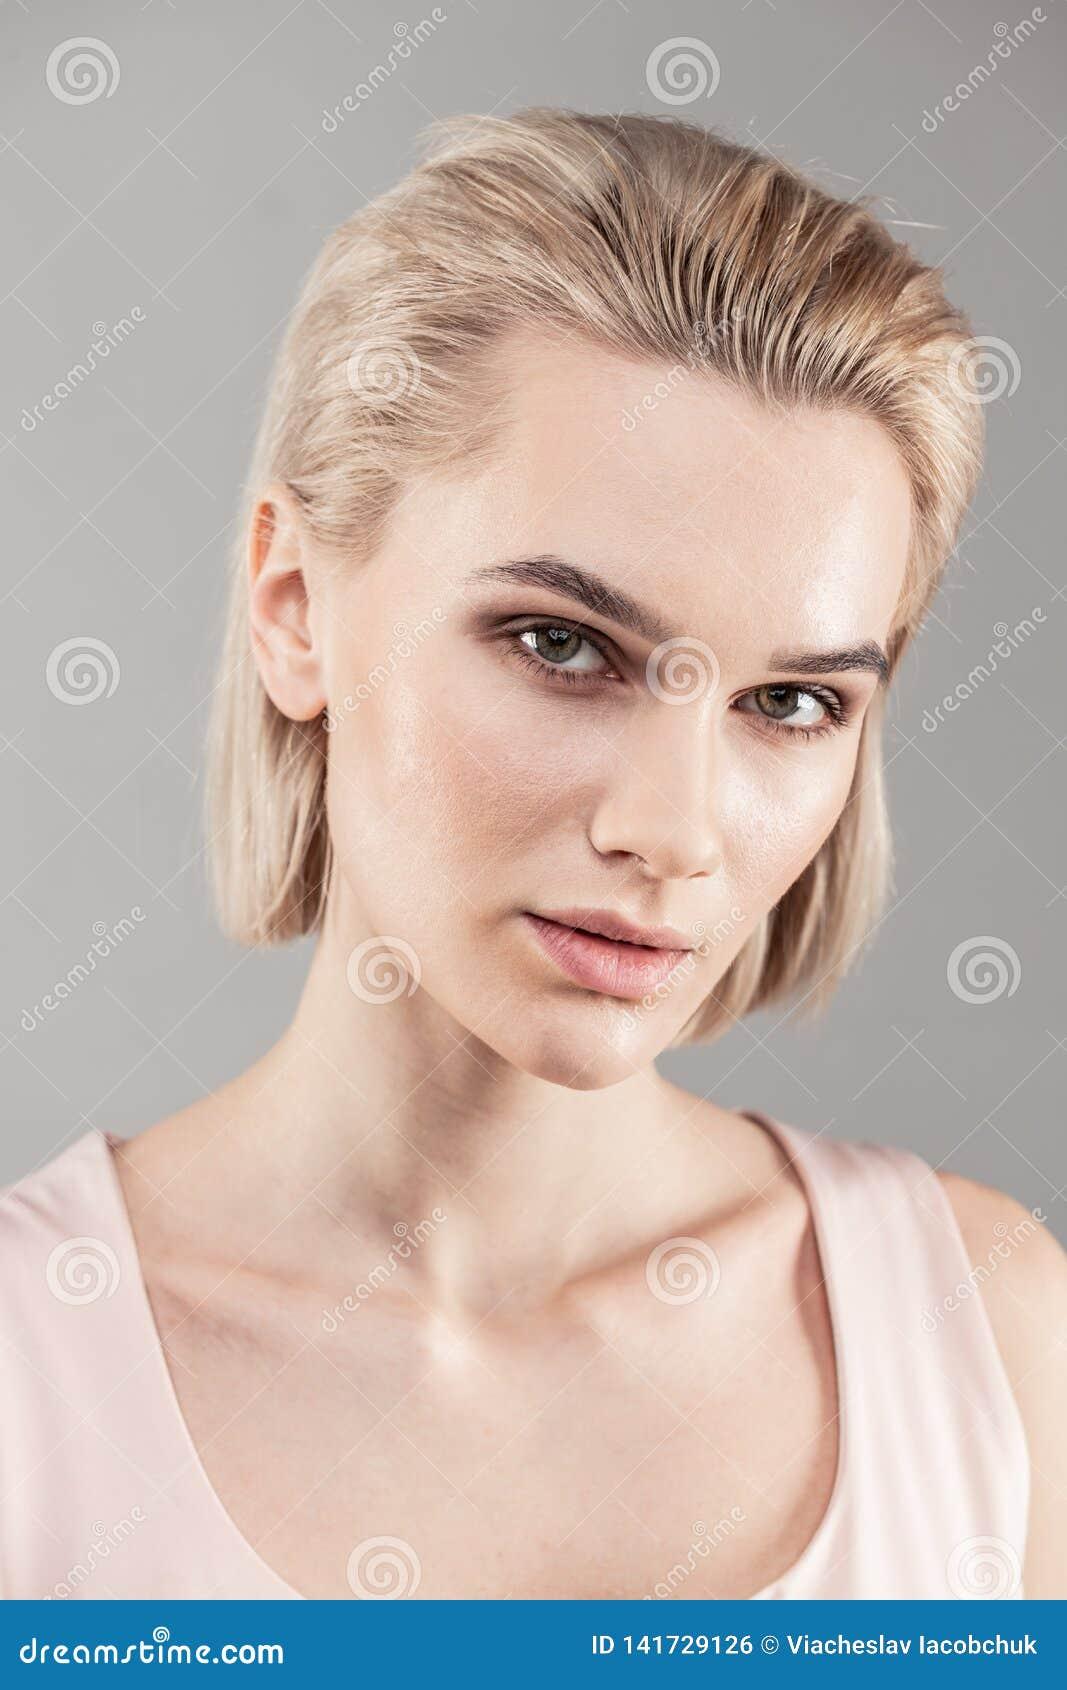 Mooie kortharige vrouw met wreed gezicht en grijze ogen